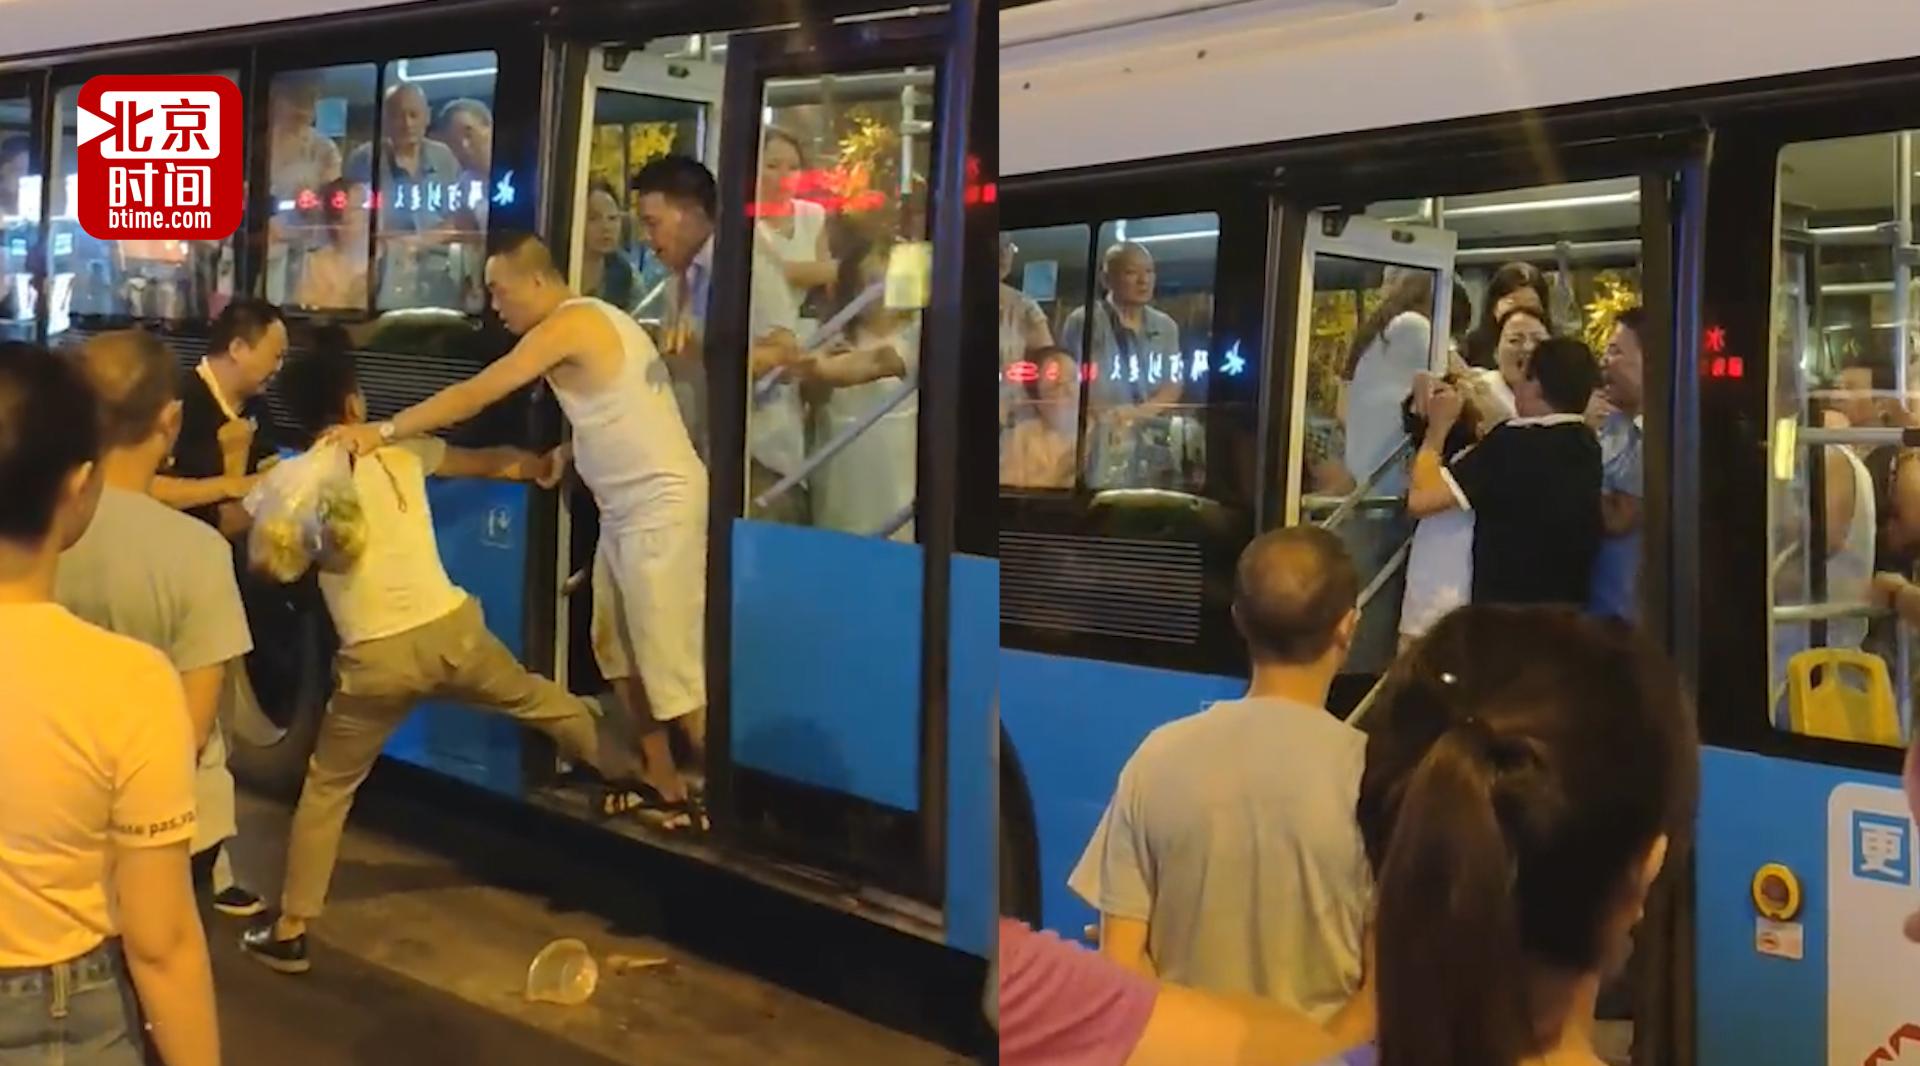 仨老头公交袭臀女孩 小伙出言喝止反被打成脑震荡